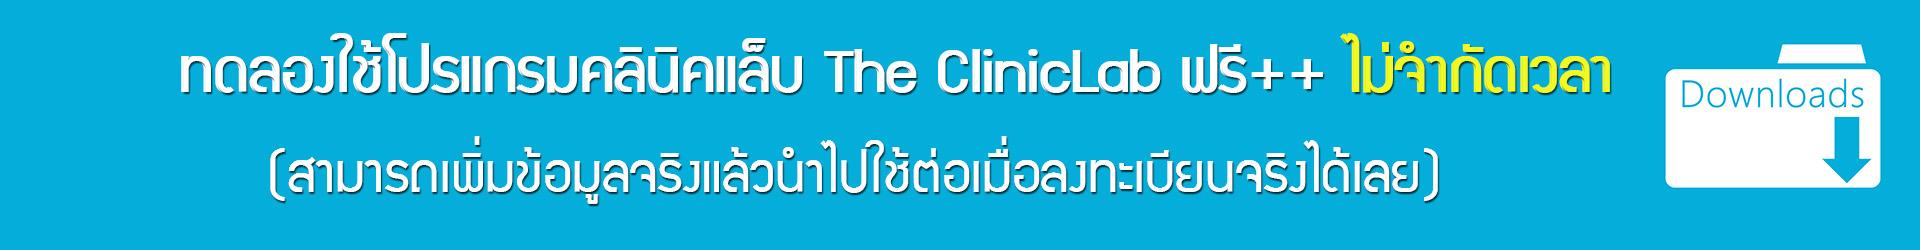 ดาวน์โหลดโปรแกรมคลินิกแล็บ cliniclab